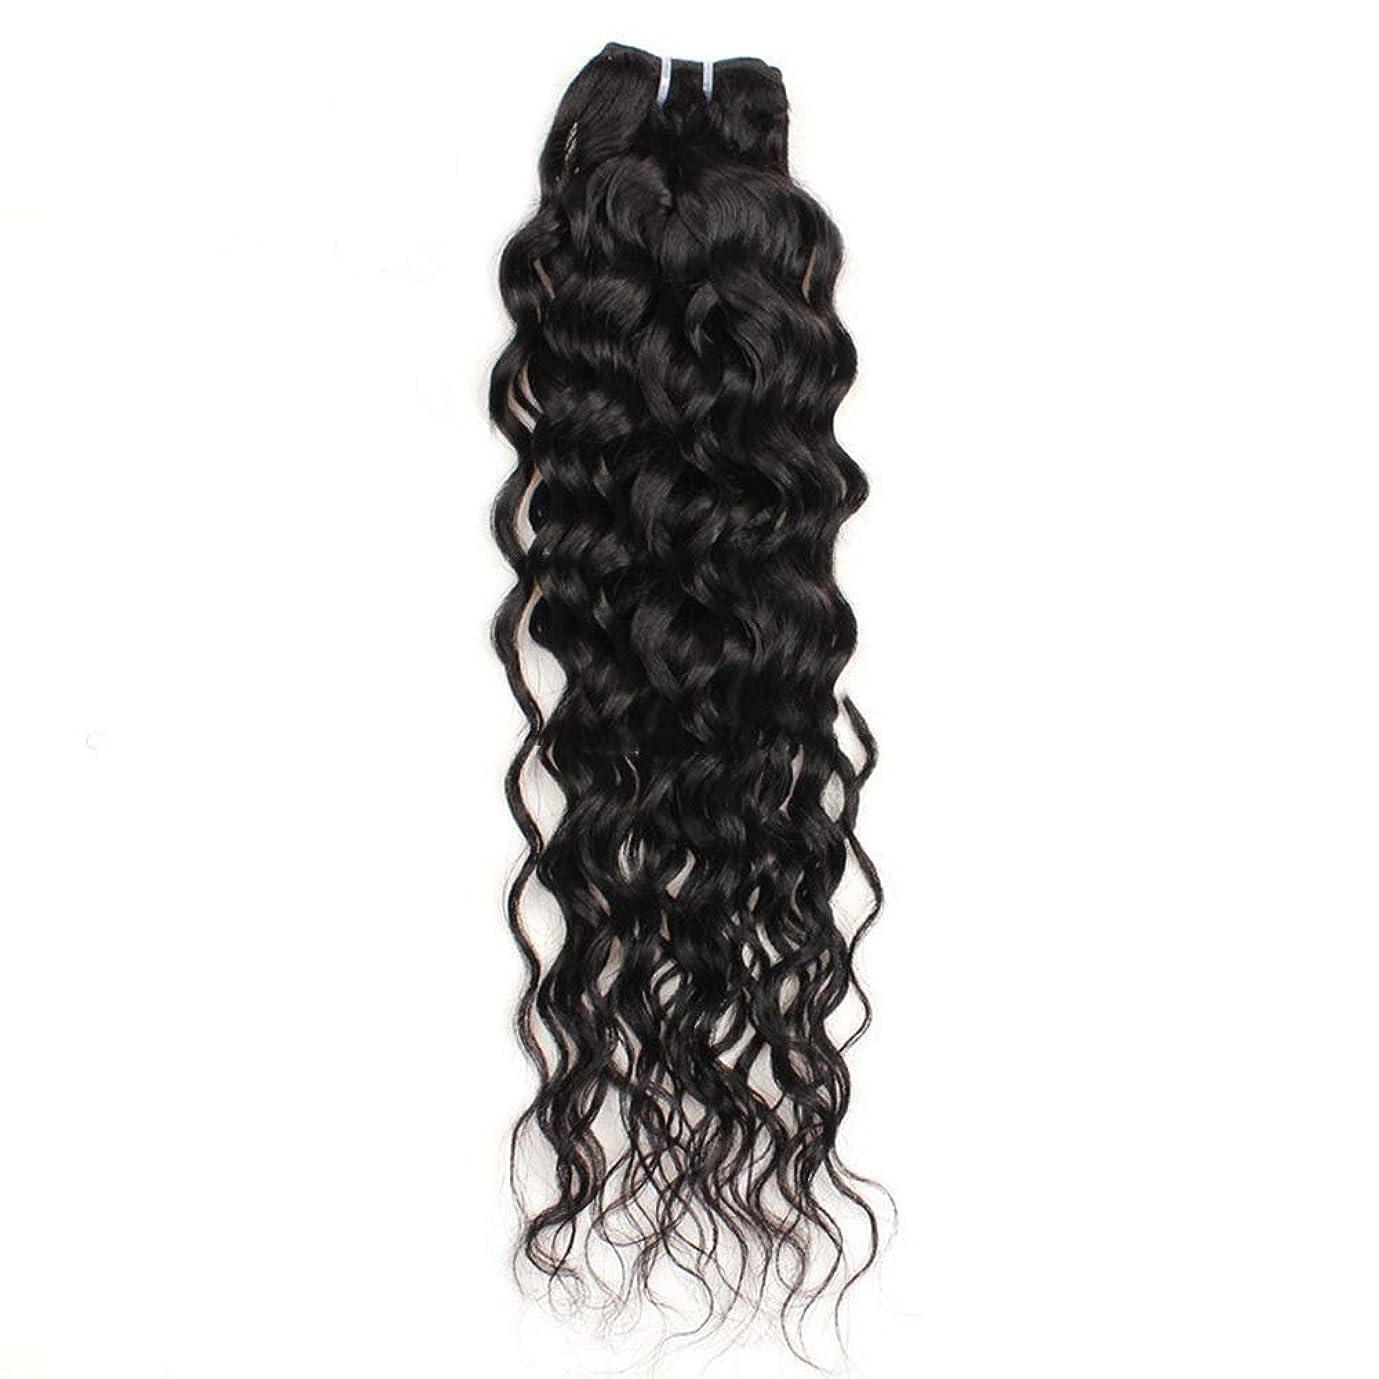 パノラマハードリング固執YESONEEP 10インチ-26インチブラジルリアル人間の髪の毛7Aウォーターウェーブヘアエクステンションナチュラルカラー100g /バンドル合成ヘアレースかつらロールプレイングかつら長くて短い女性自然 (色 : 黒, サイズ : 26 inch)